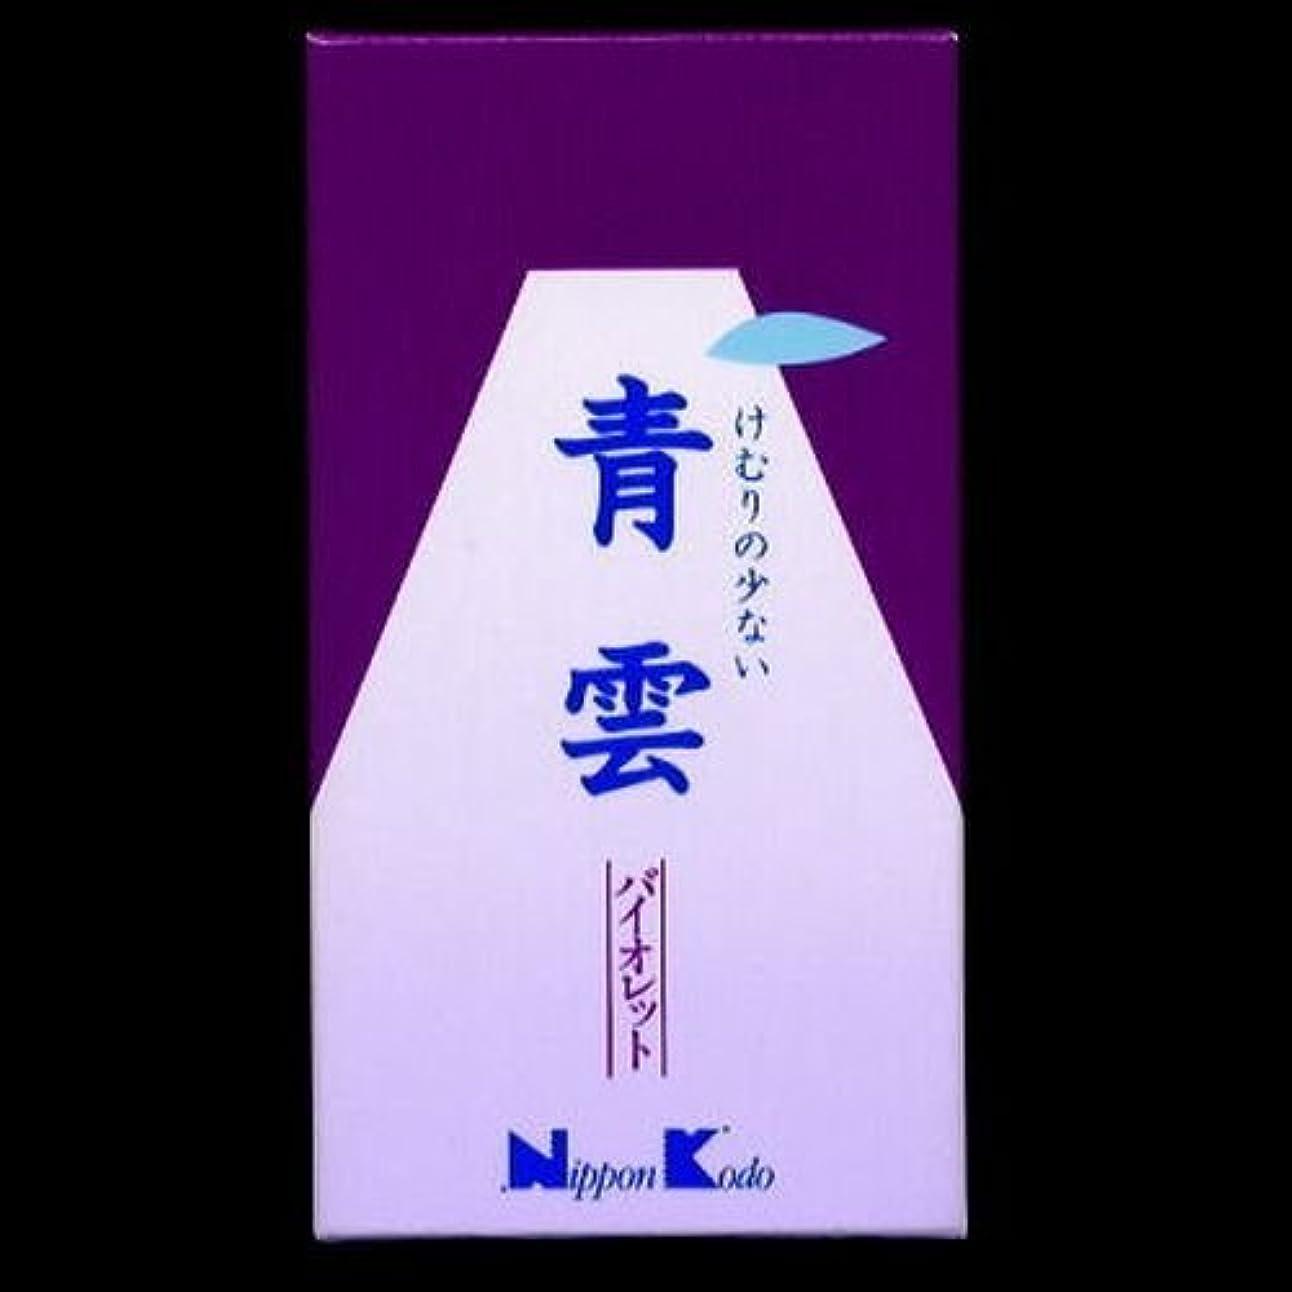 可能性宿泊施設電気的【まとめ買い】青雲 バイオレット バラ詰 ×2セット